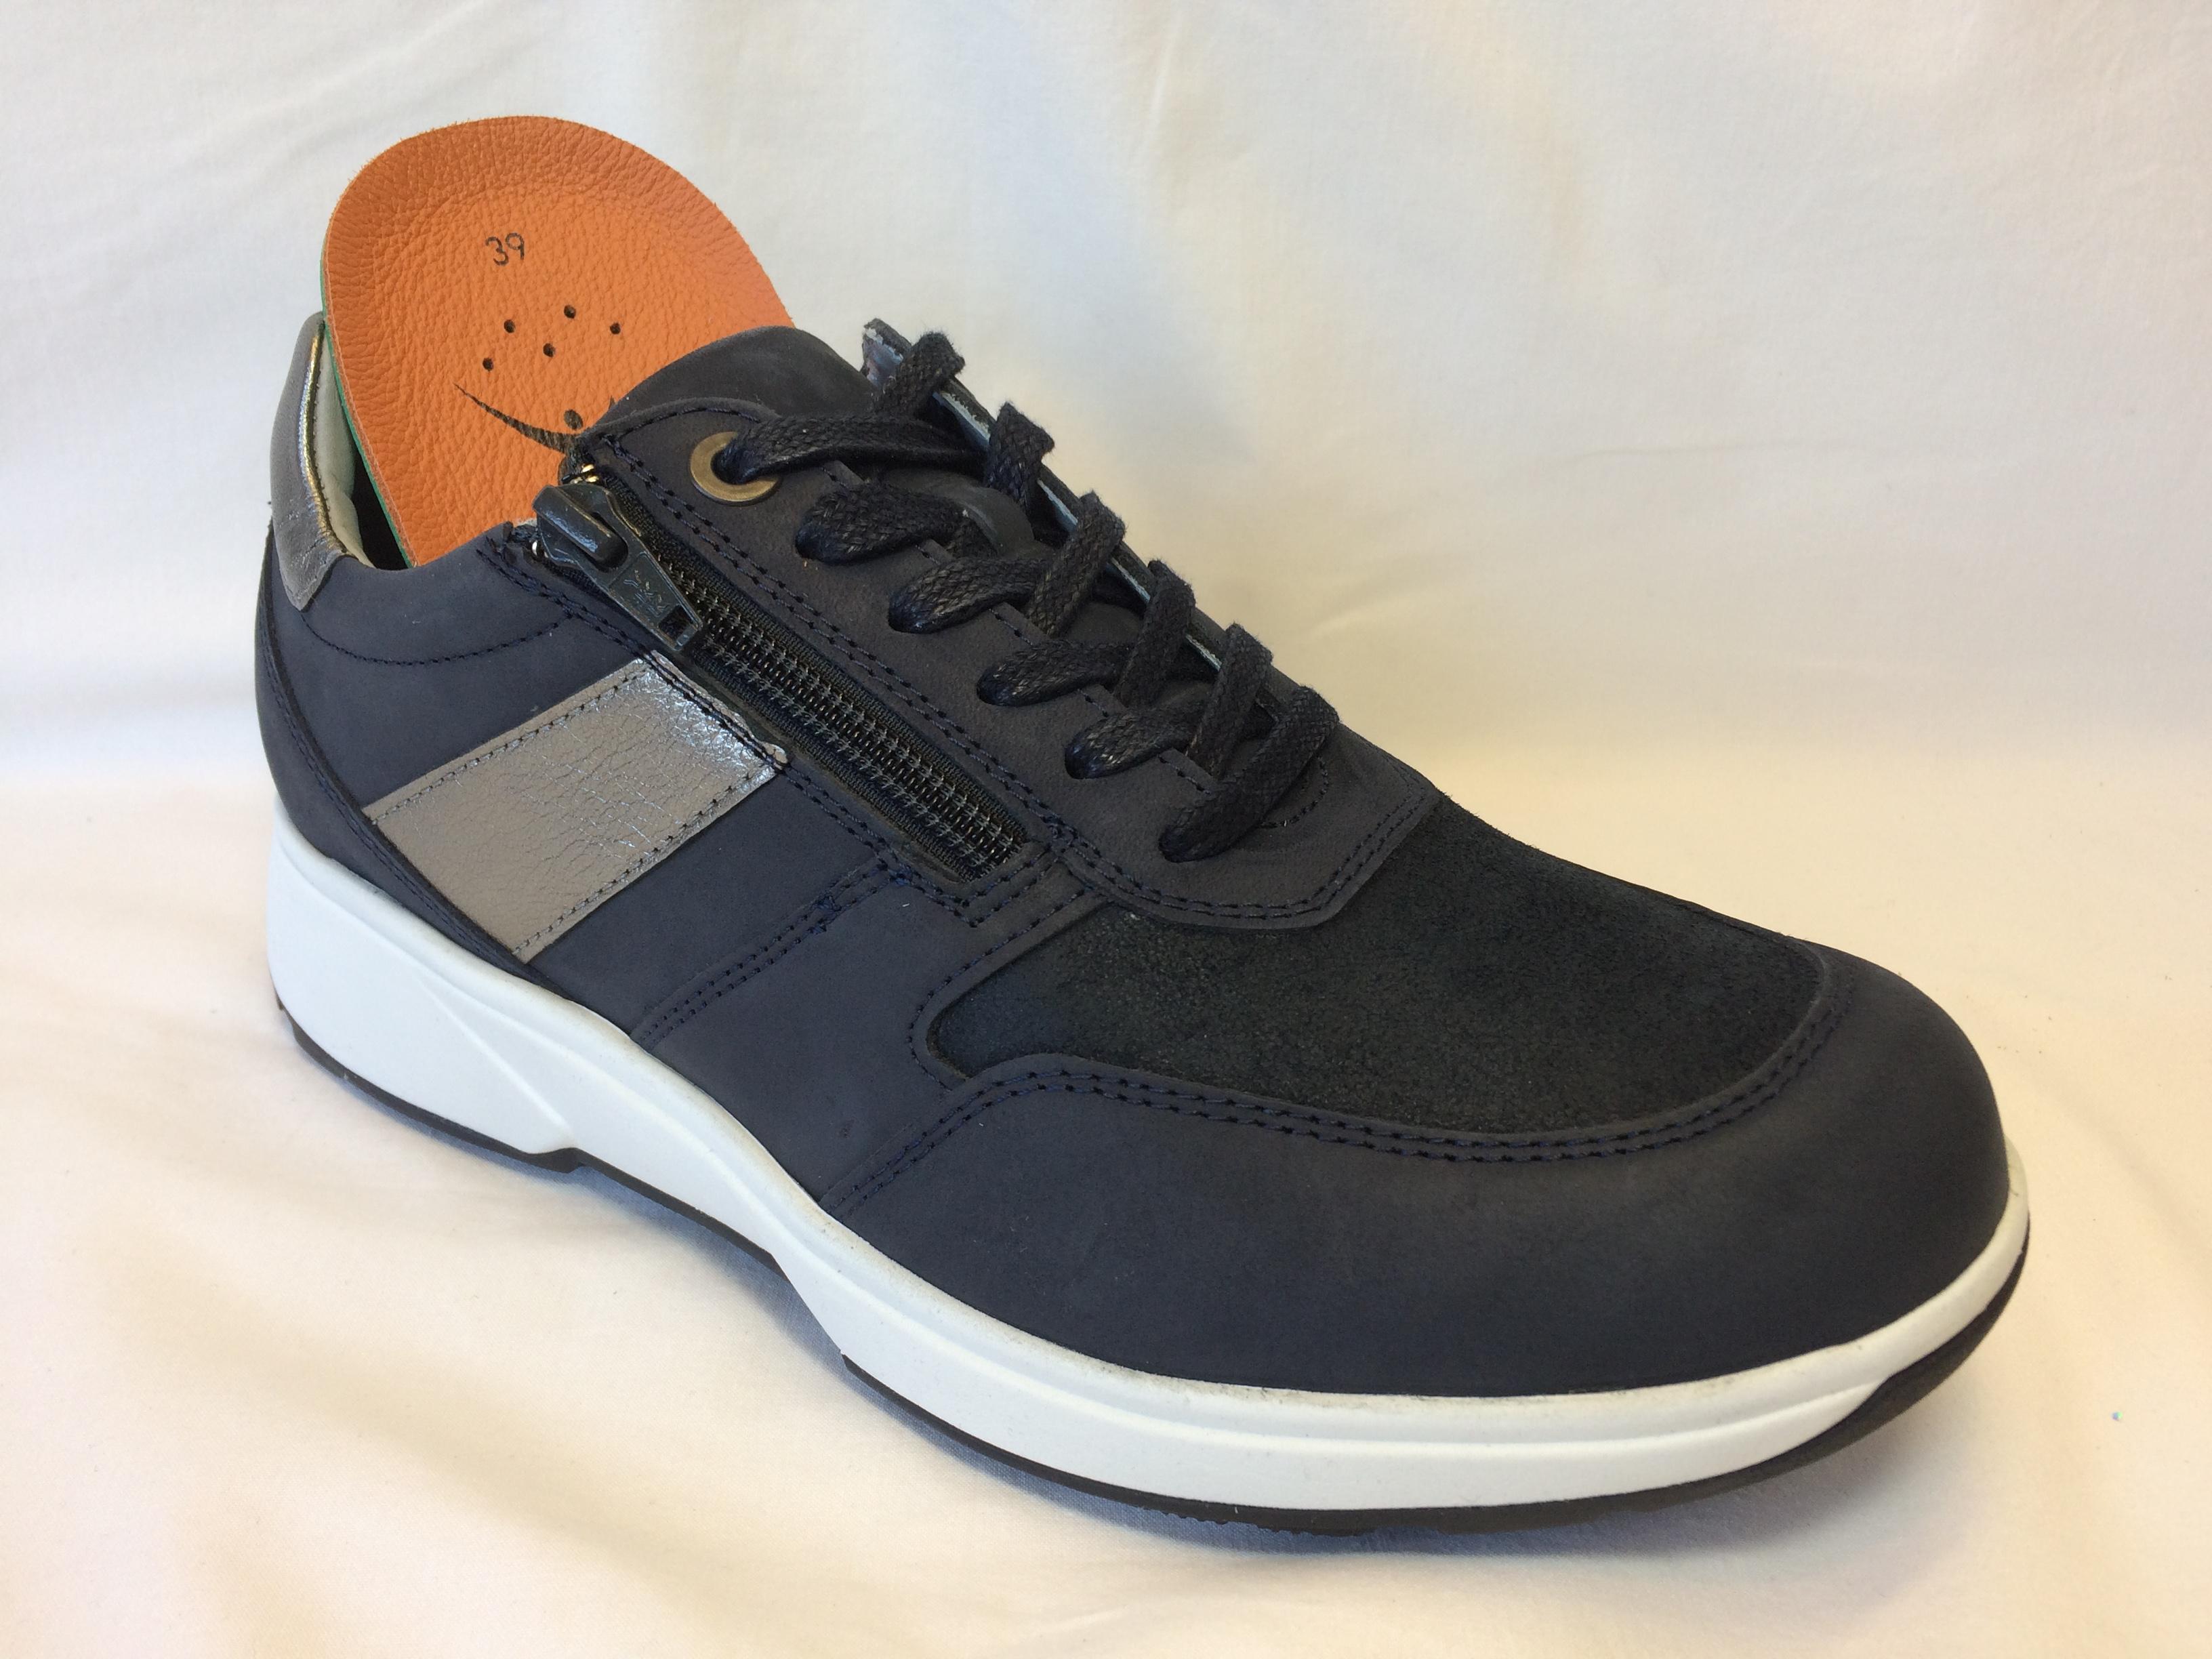 Magasin de chaussures orthopédiques à Jodoigne - Xsensible